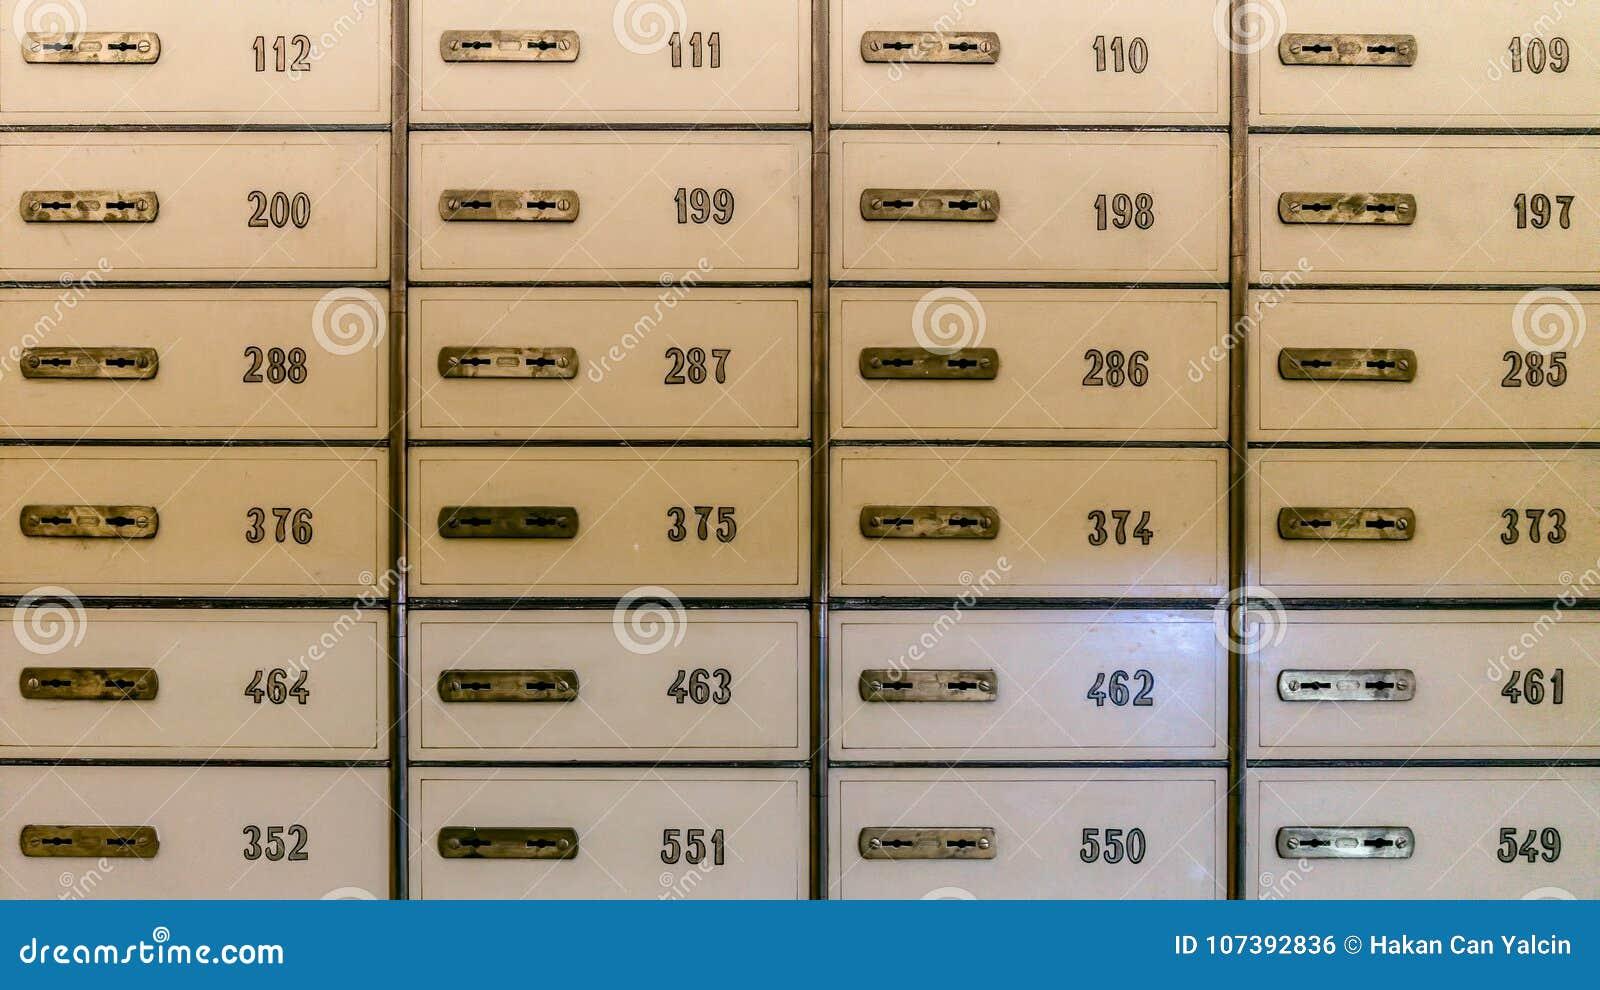 File delle cassette di sicurezza in volta di banca o armadi di